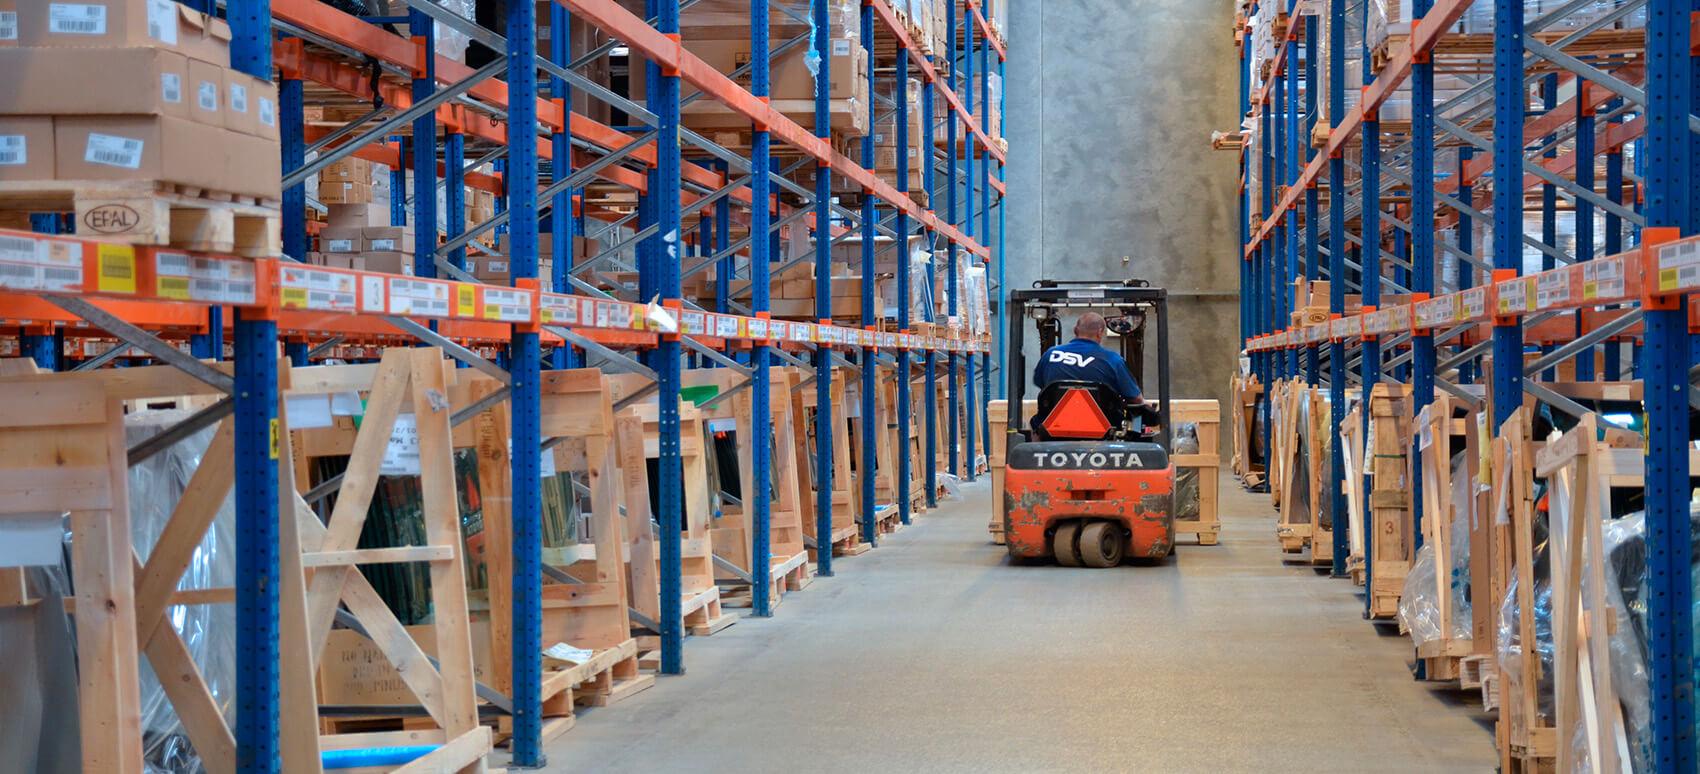 Nyt 150.000 m2 stort lagerkompleks bliver DSV's største logistikhub i Norden.